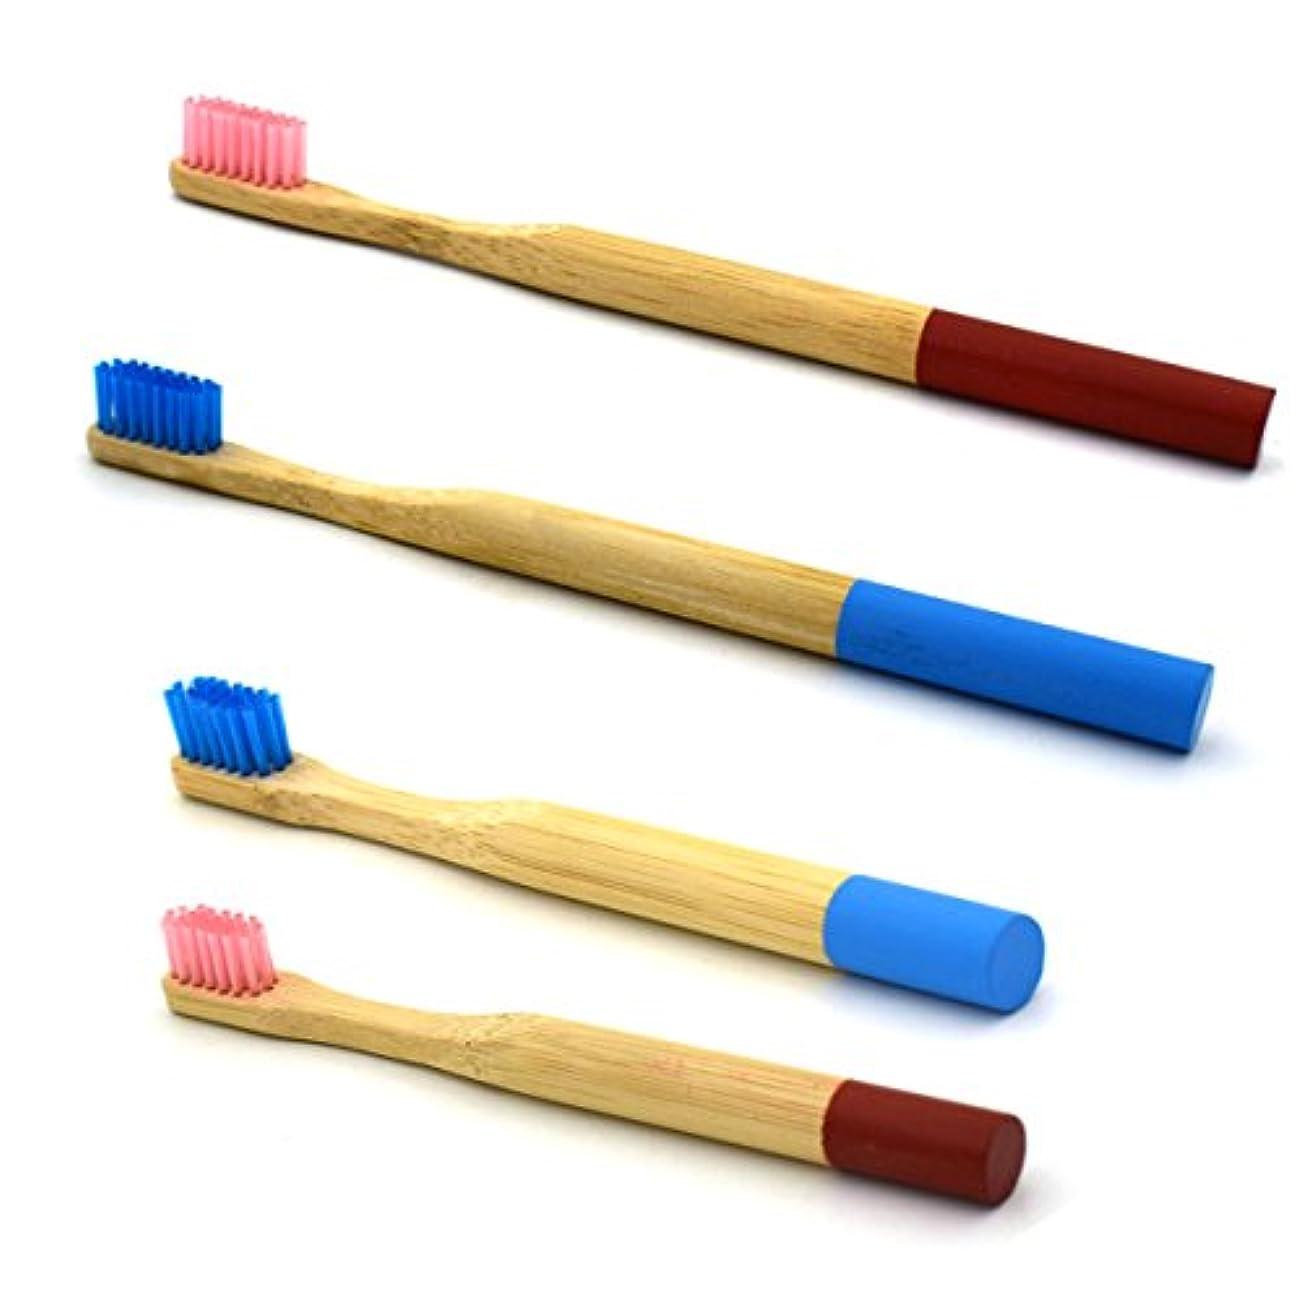 豪華な形教えてHEALLILY ラウンドハンドルエコフレンドリーソフト剛毛歯ブラシ(ブルーとピンク) - 大人と子供と4個の天然竹製の歯ブラシ